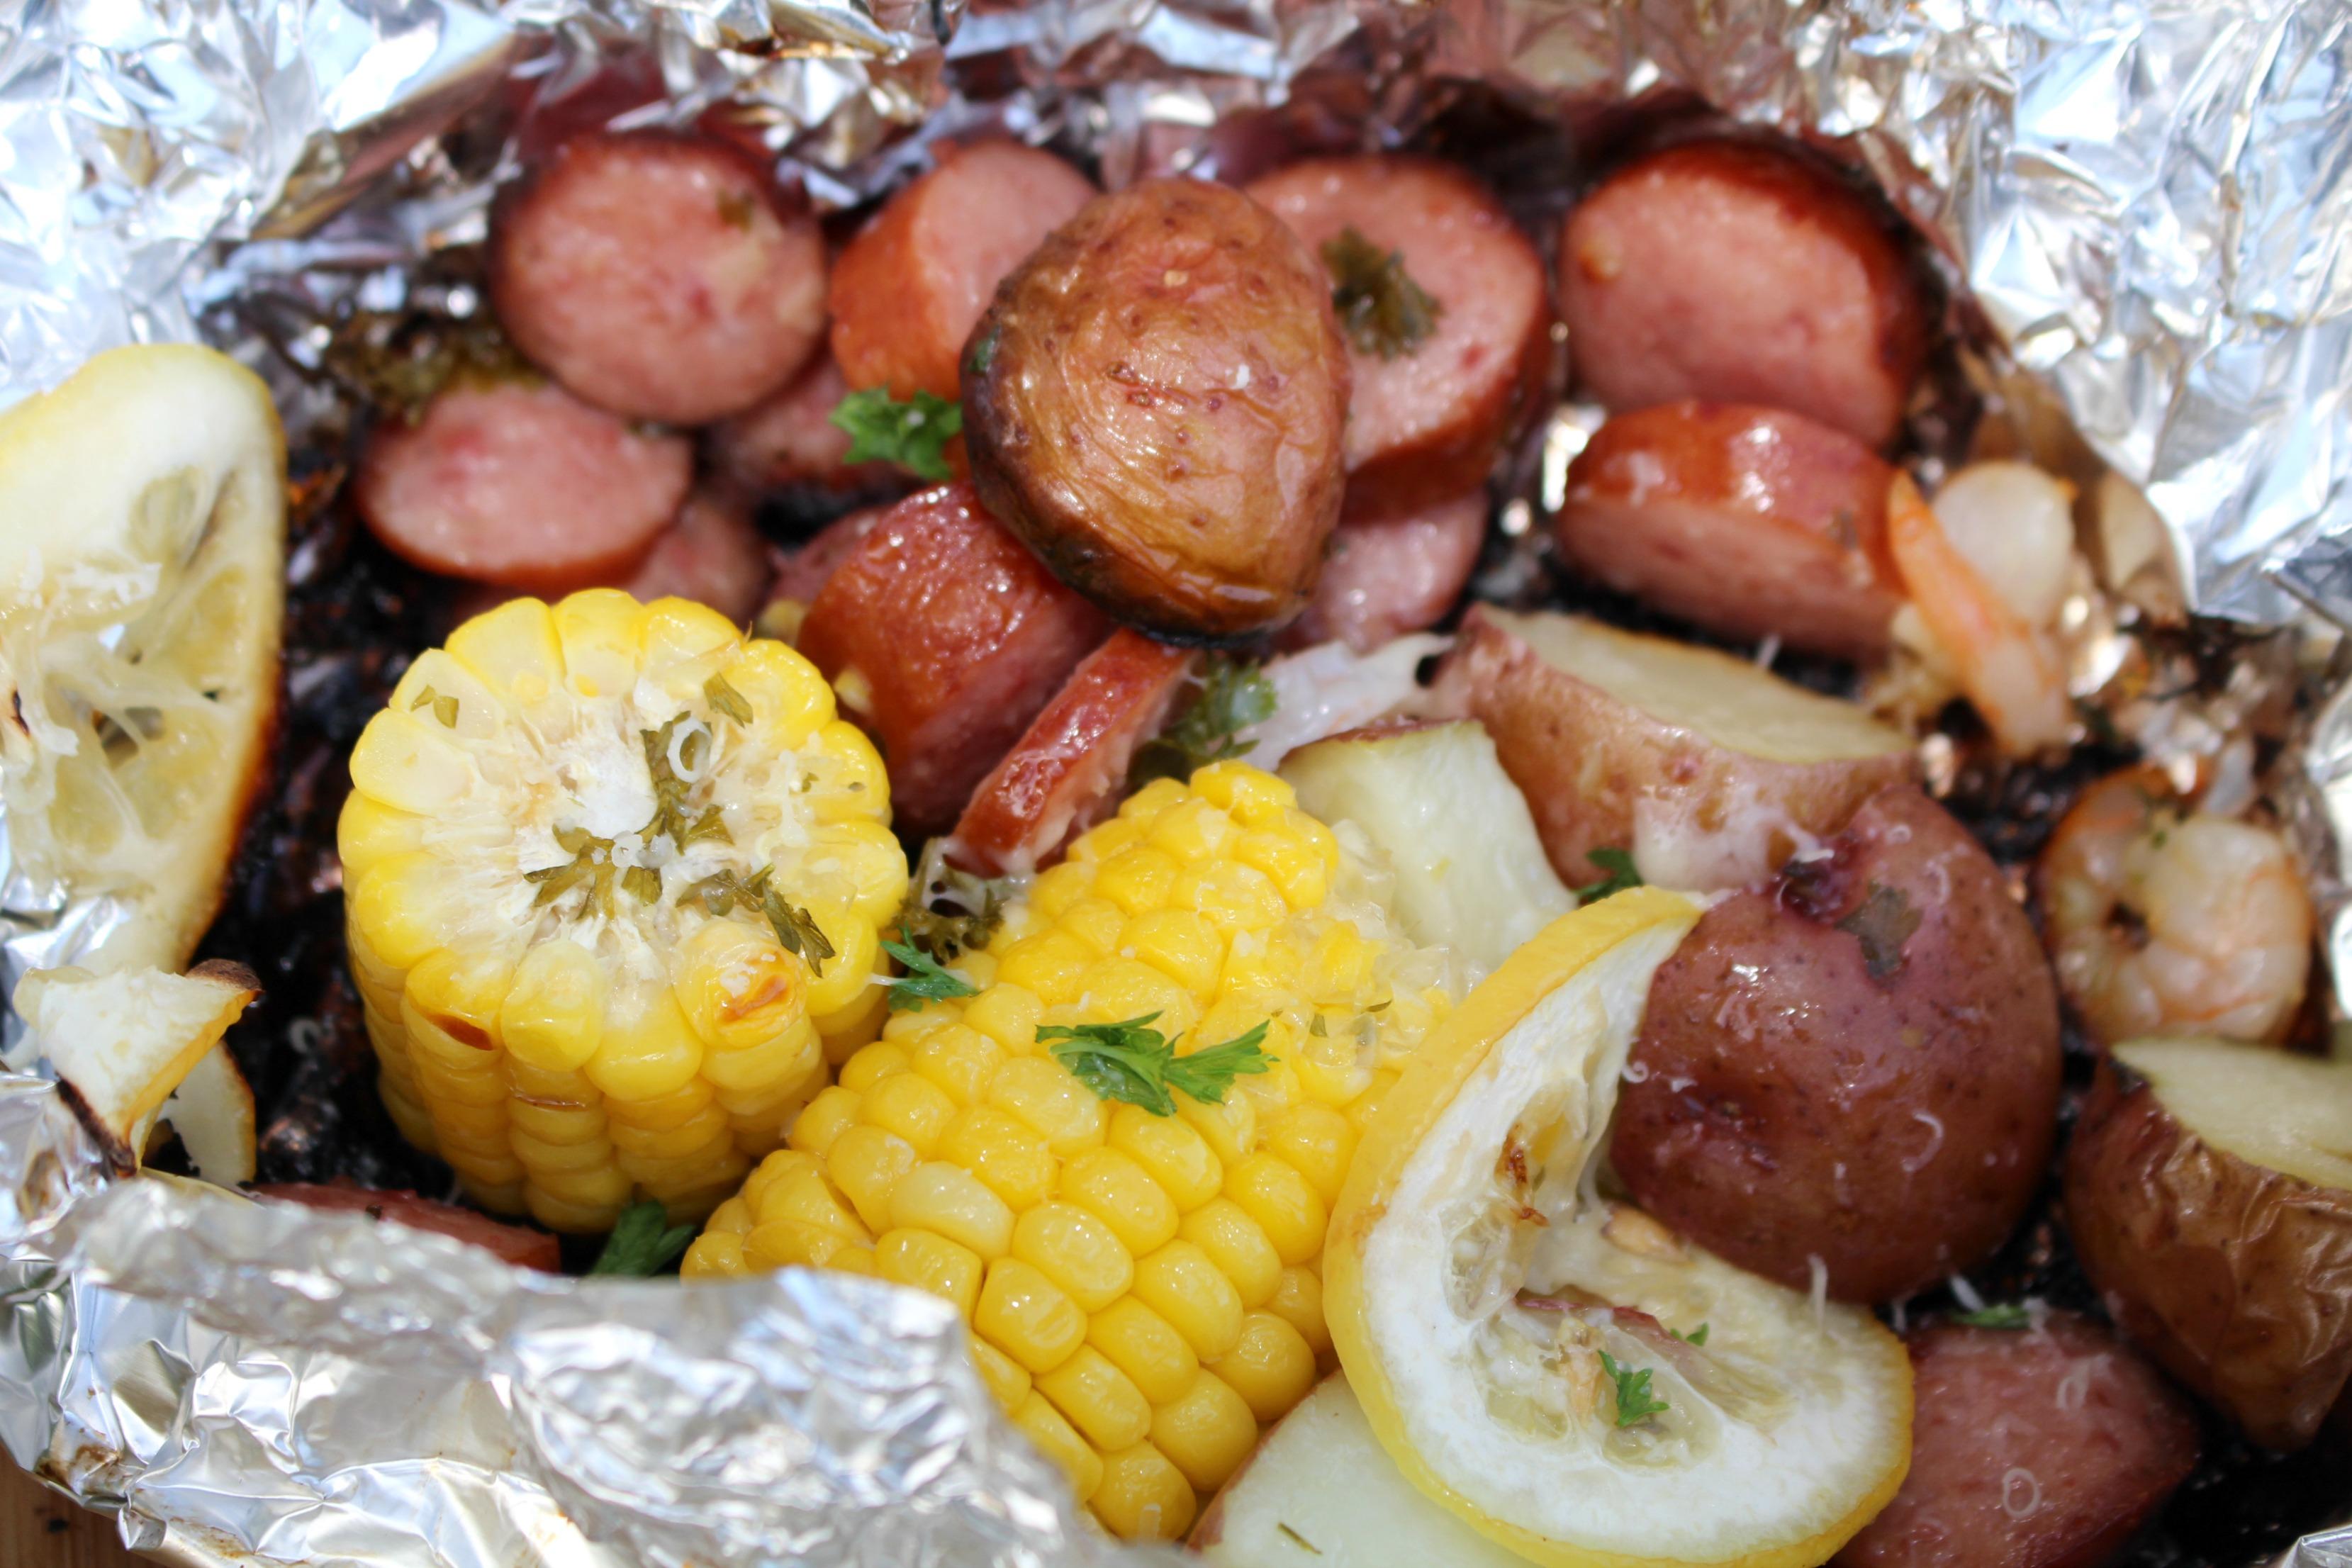 Grilled Shrimp & Smoked Sausage Foil Packs